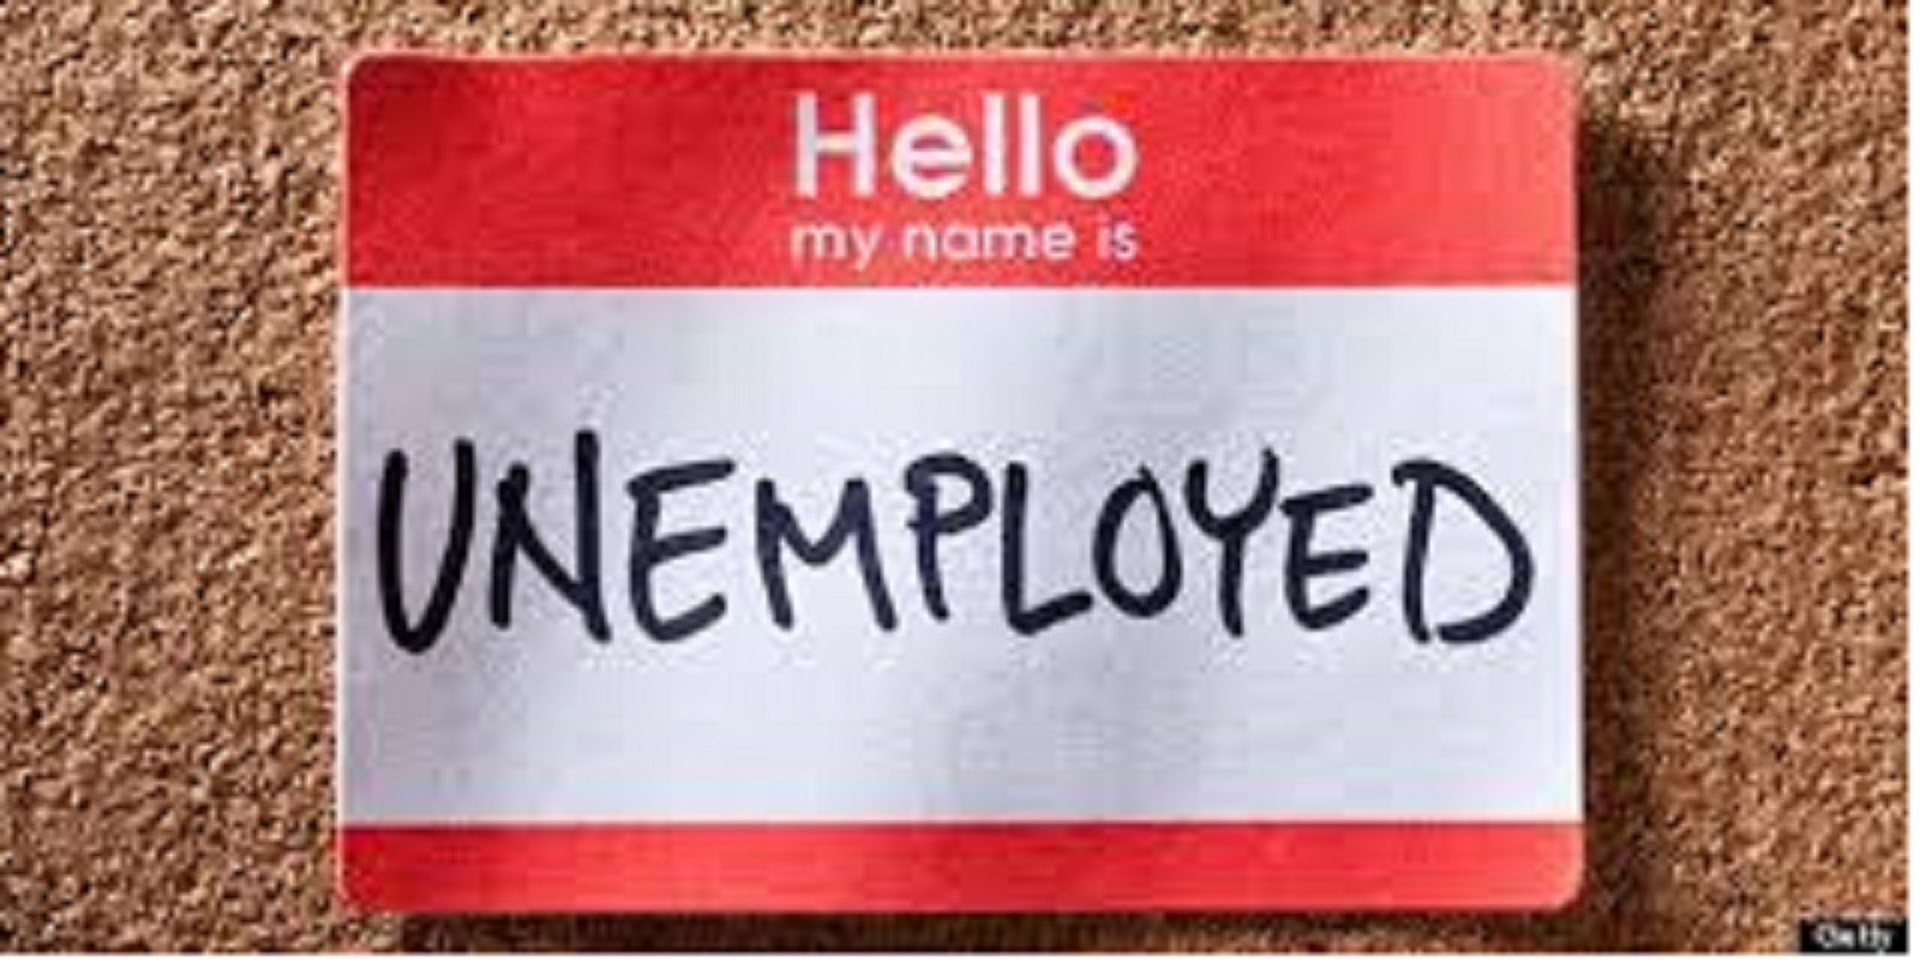 Top HR Consultant, Best Compensation Consultant